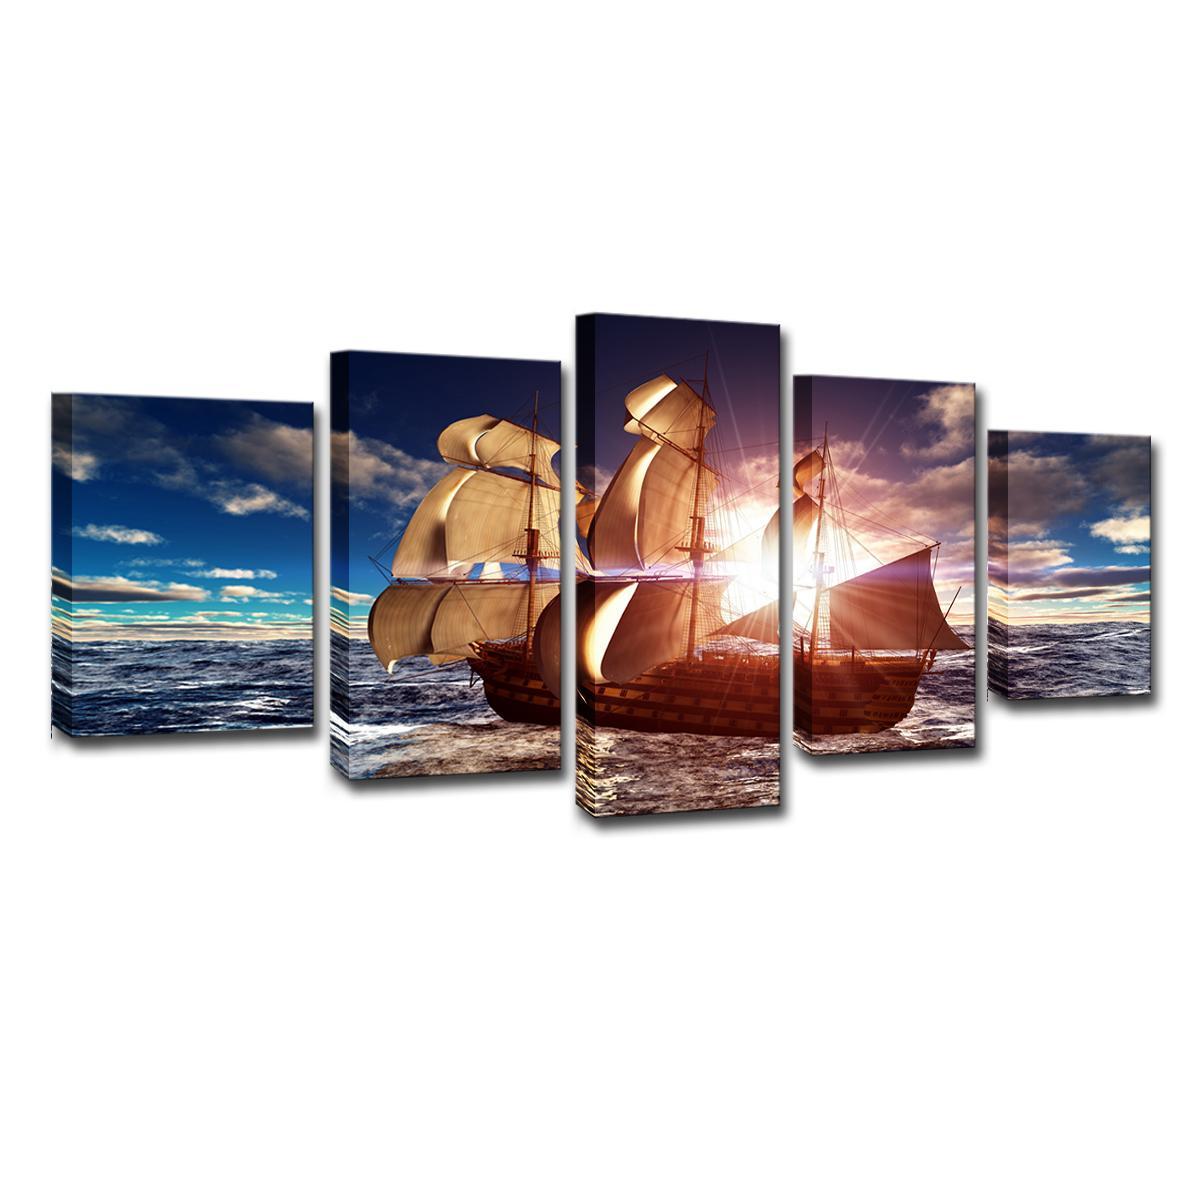 Impresión de la lona Fotos Wall Art Marco de 5 Piezas Sol Velero pintura del paisaje marino del barco de navegación del cartel Decoración de la sala